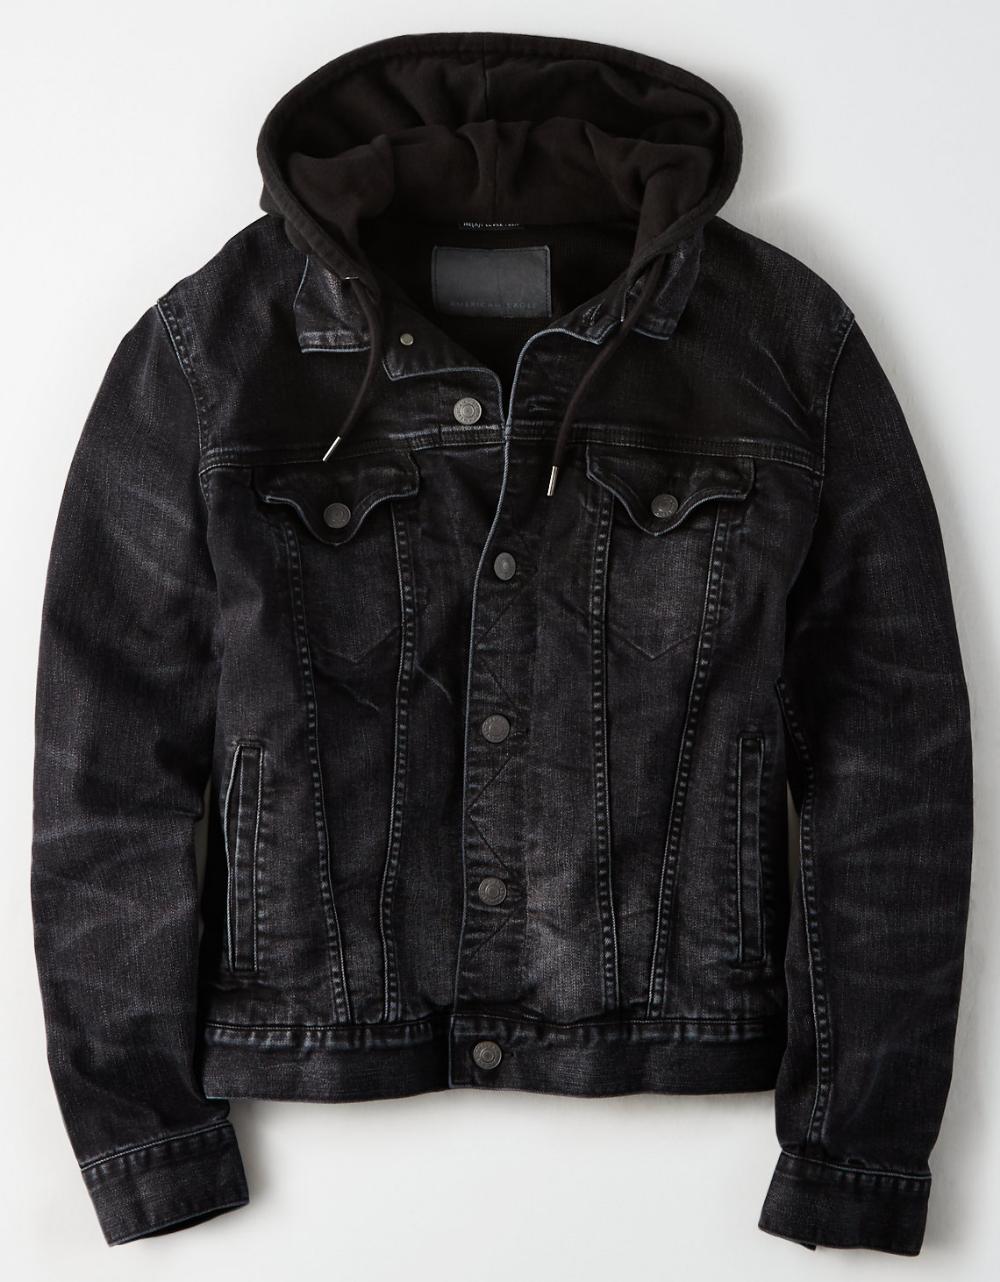 Ae Black Hooded Denim Jacket Hooded Denim Jacket Denim Jacket With Hoodie Diy Denim Jacket [ 1282 x 1000 Pixel ]